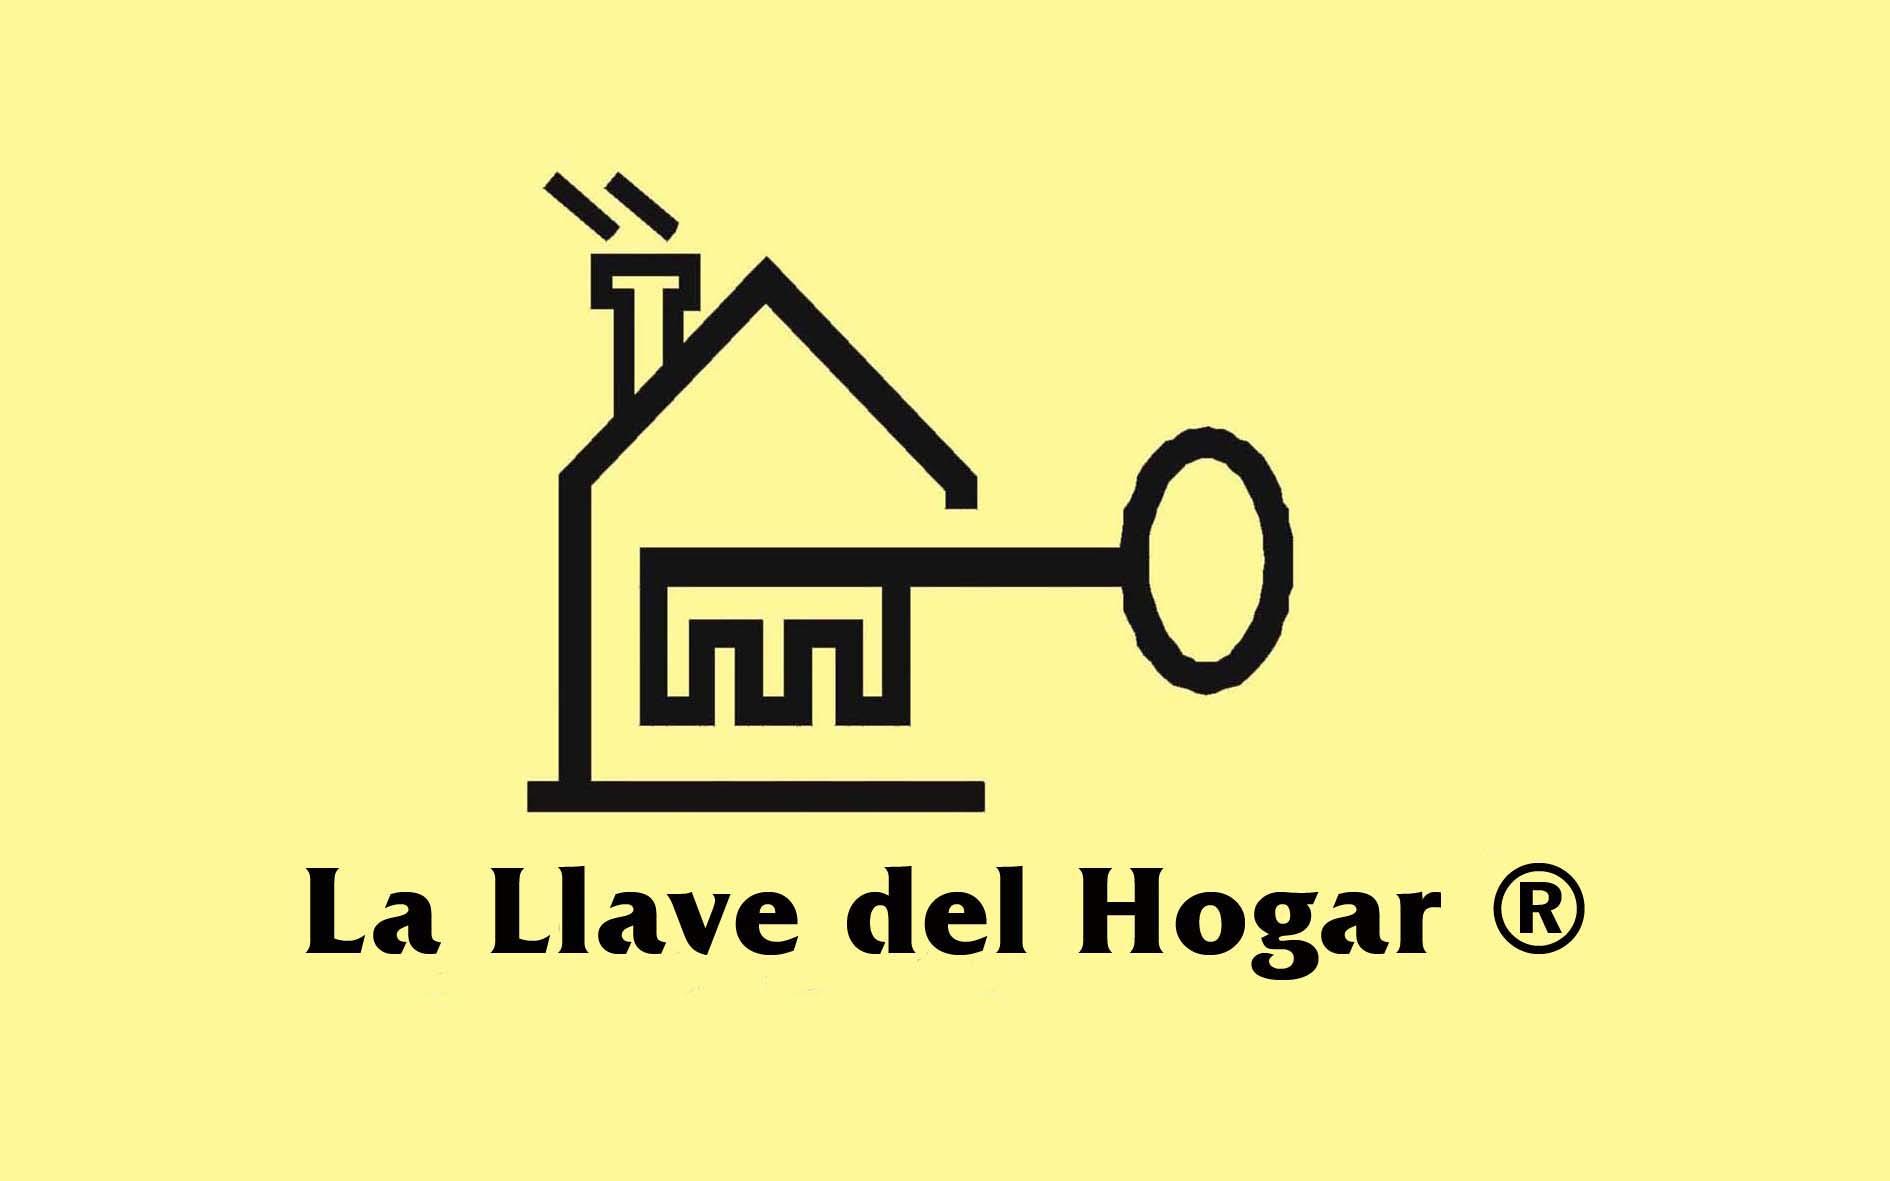 Casas de madera la llave del hogar barcelona 101empresas - La llave del hogar ...